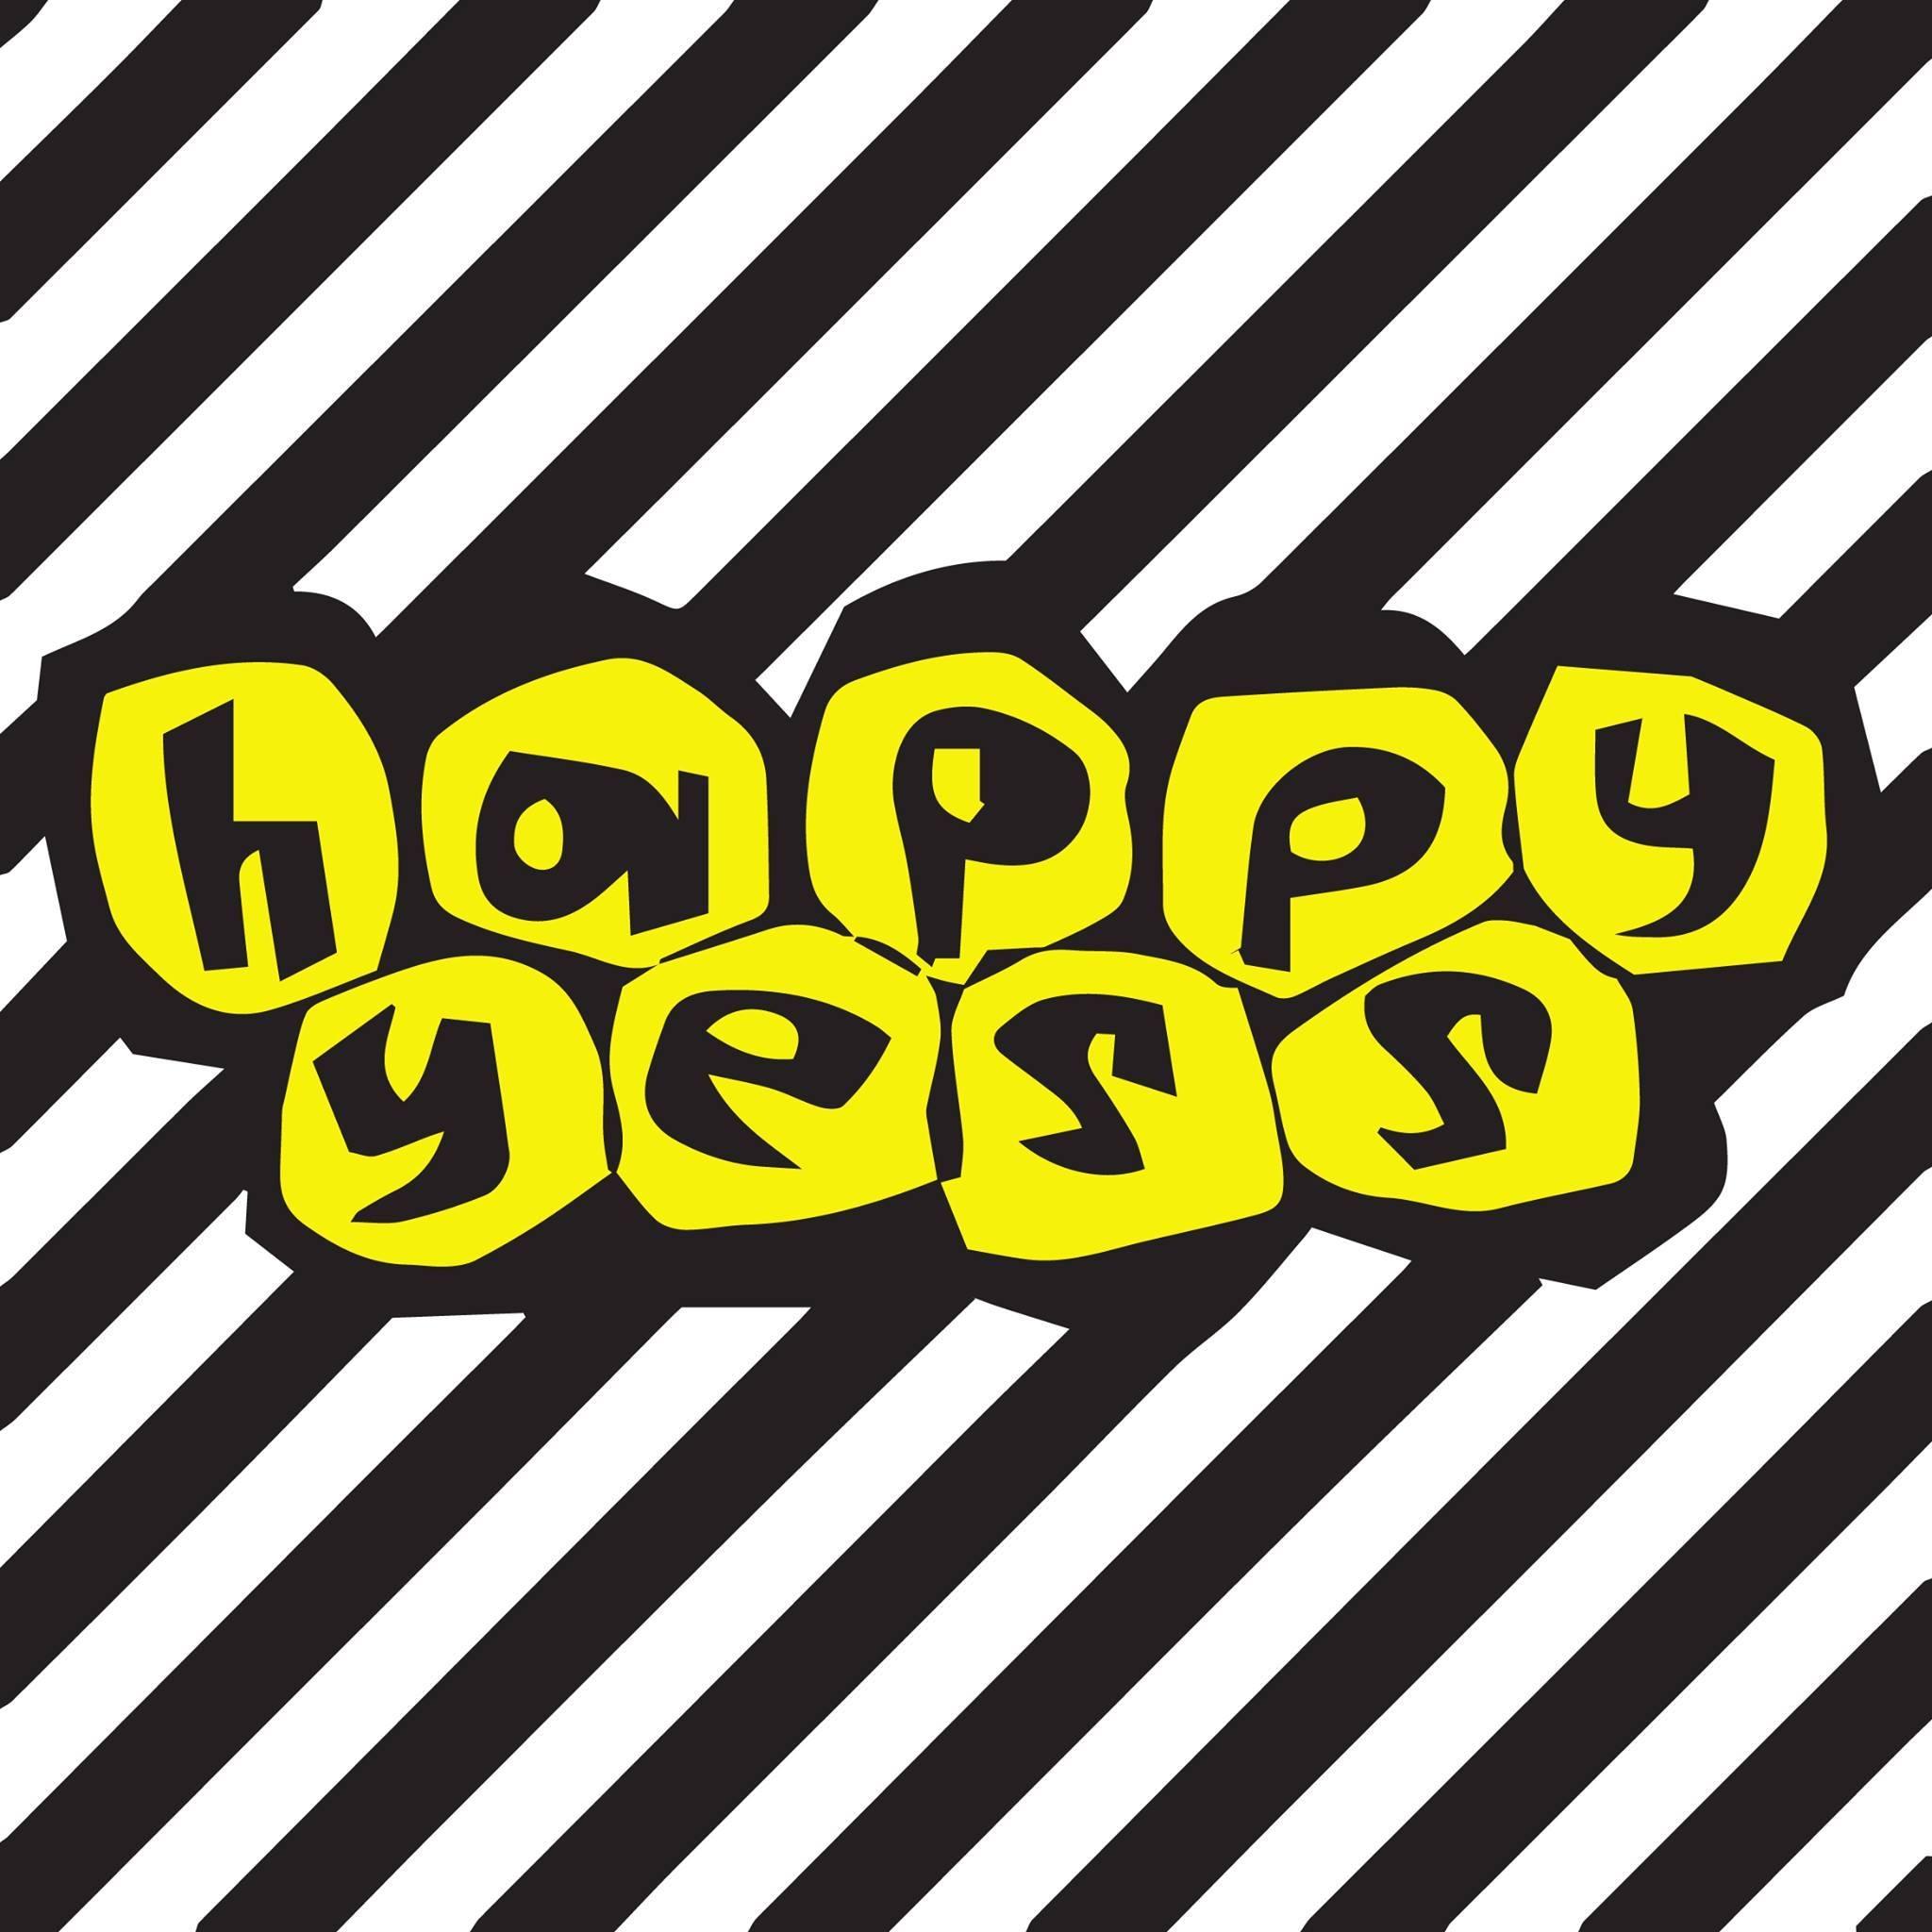 Happy Yess